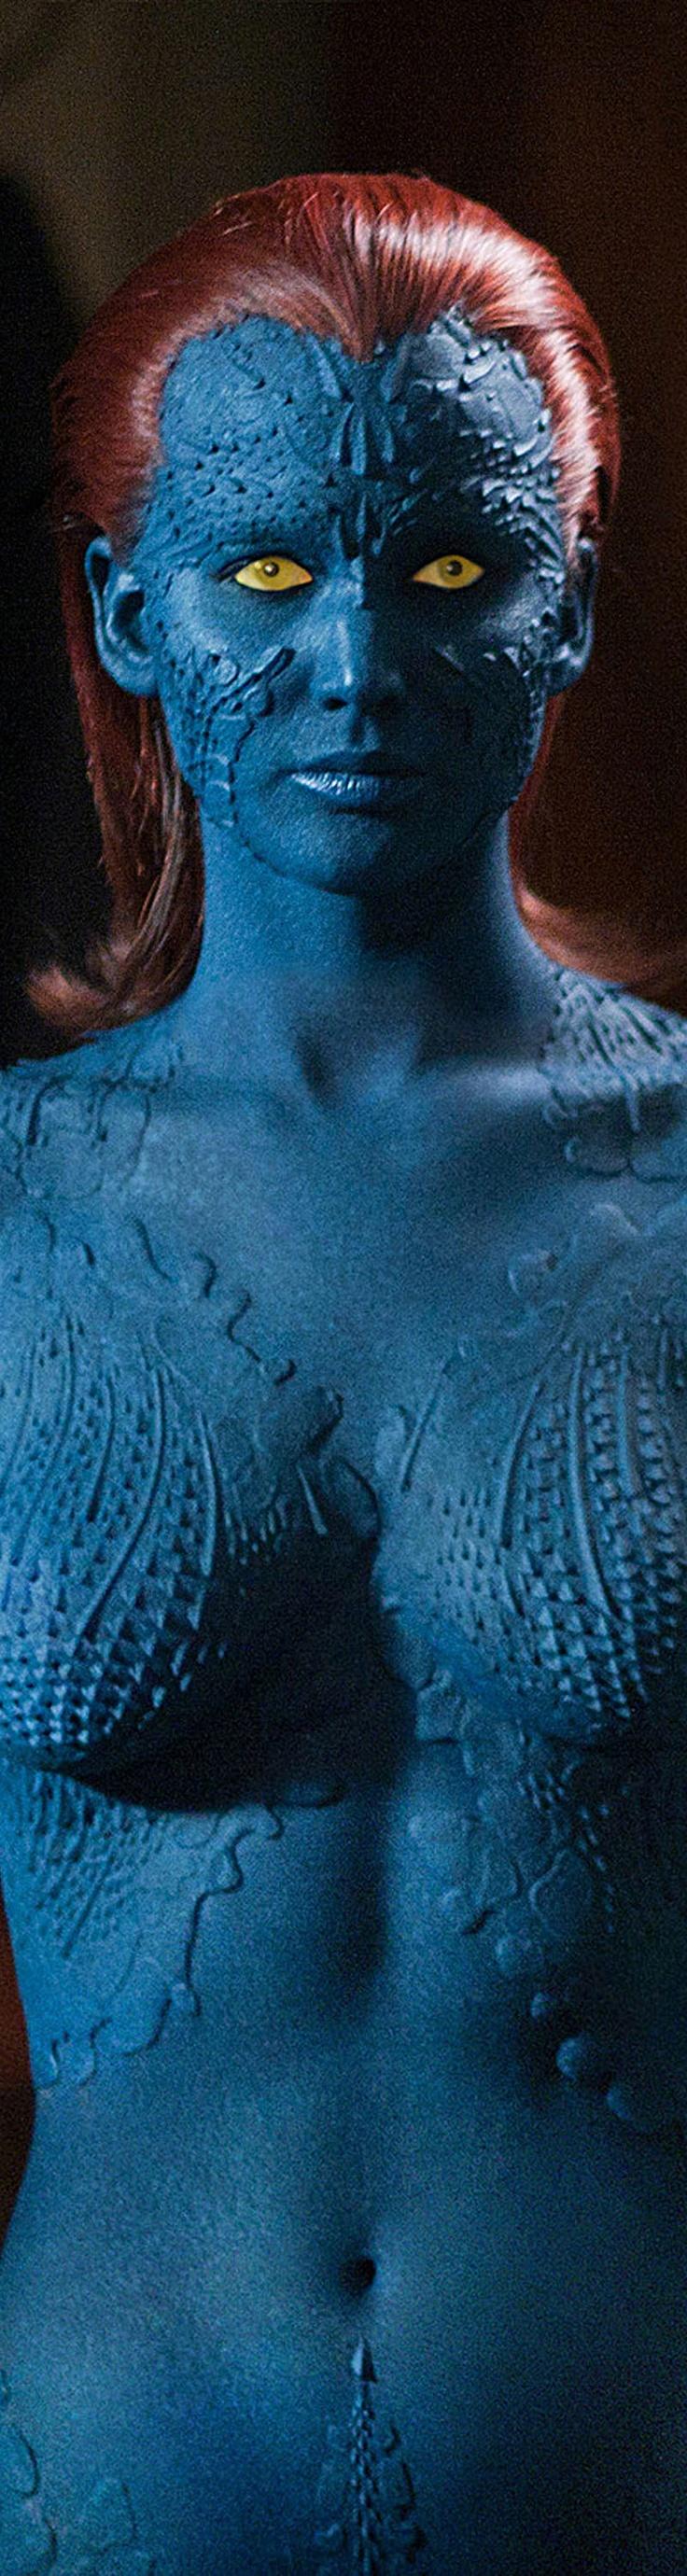 Jennifer Lawerance as Mystique                                                                                                                                                                                 Más